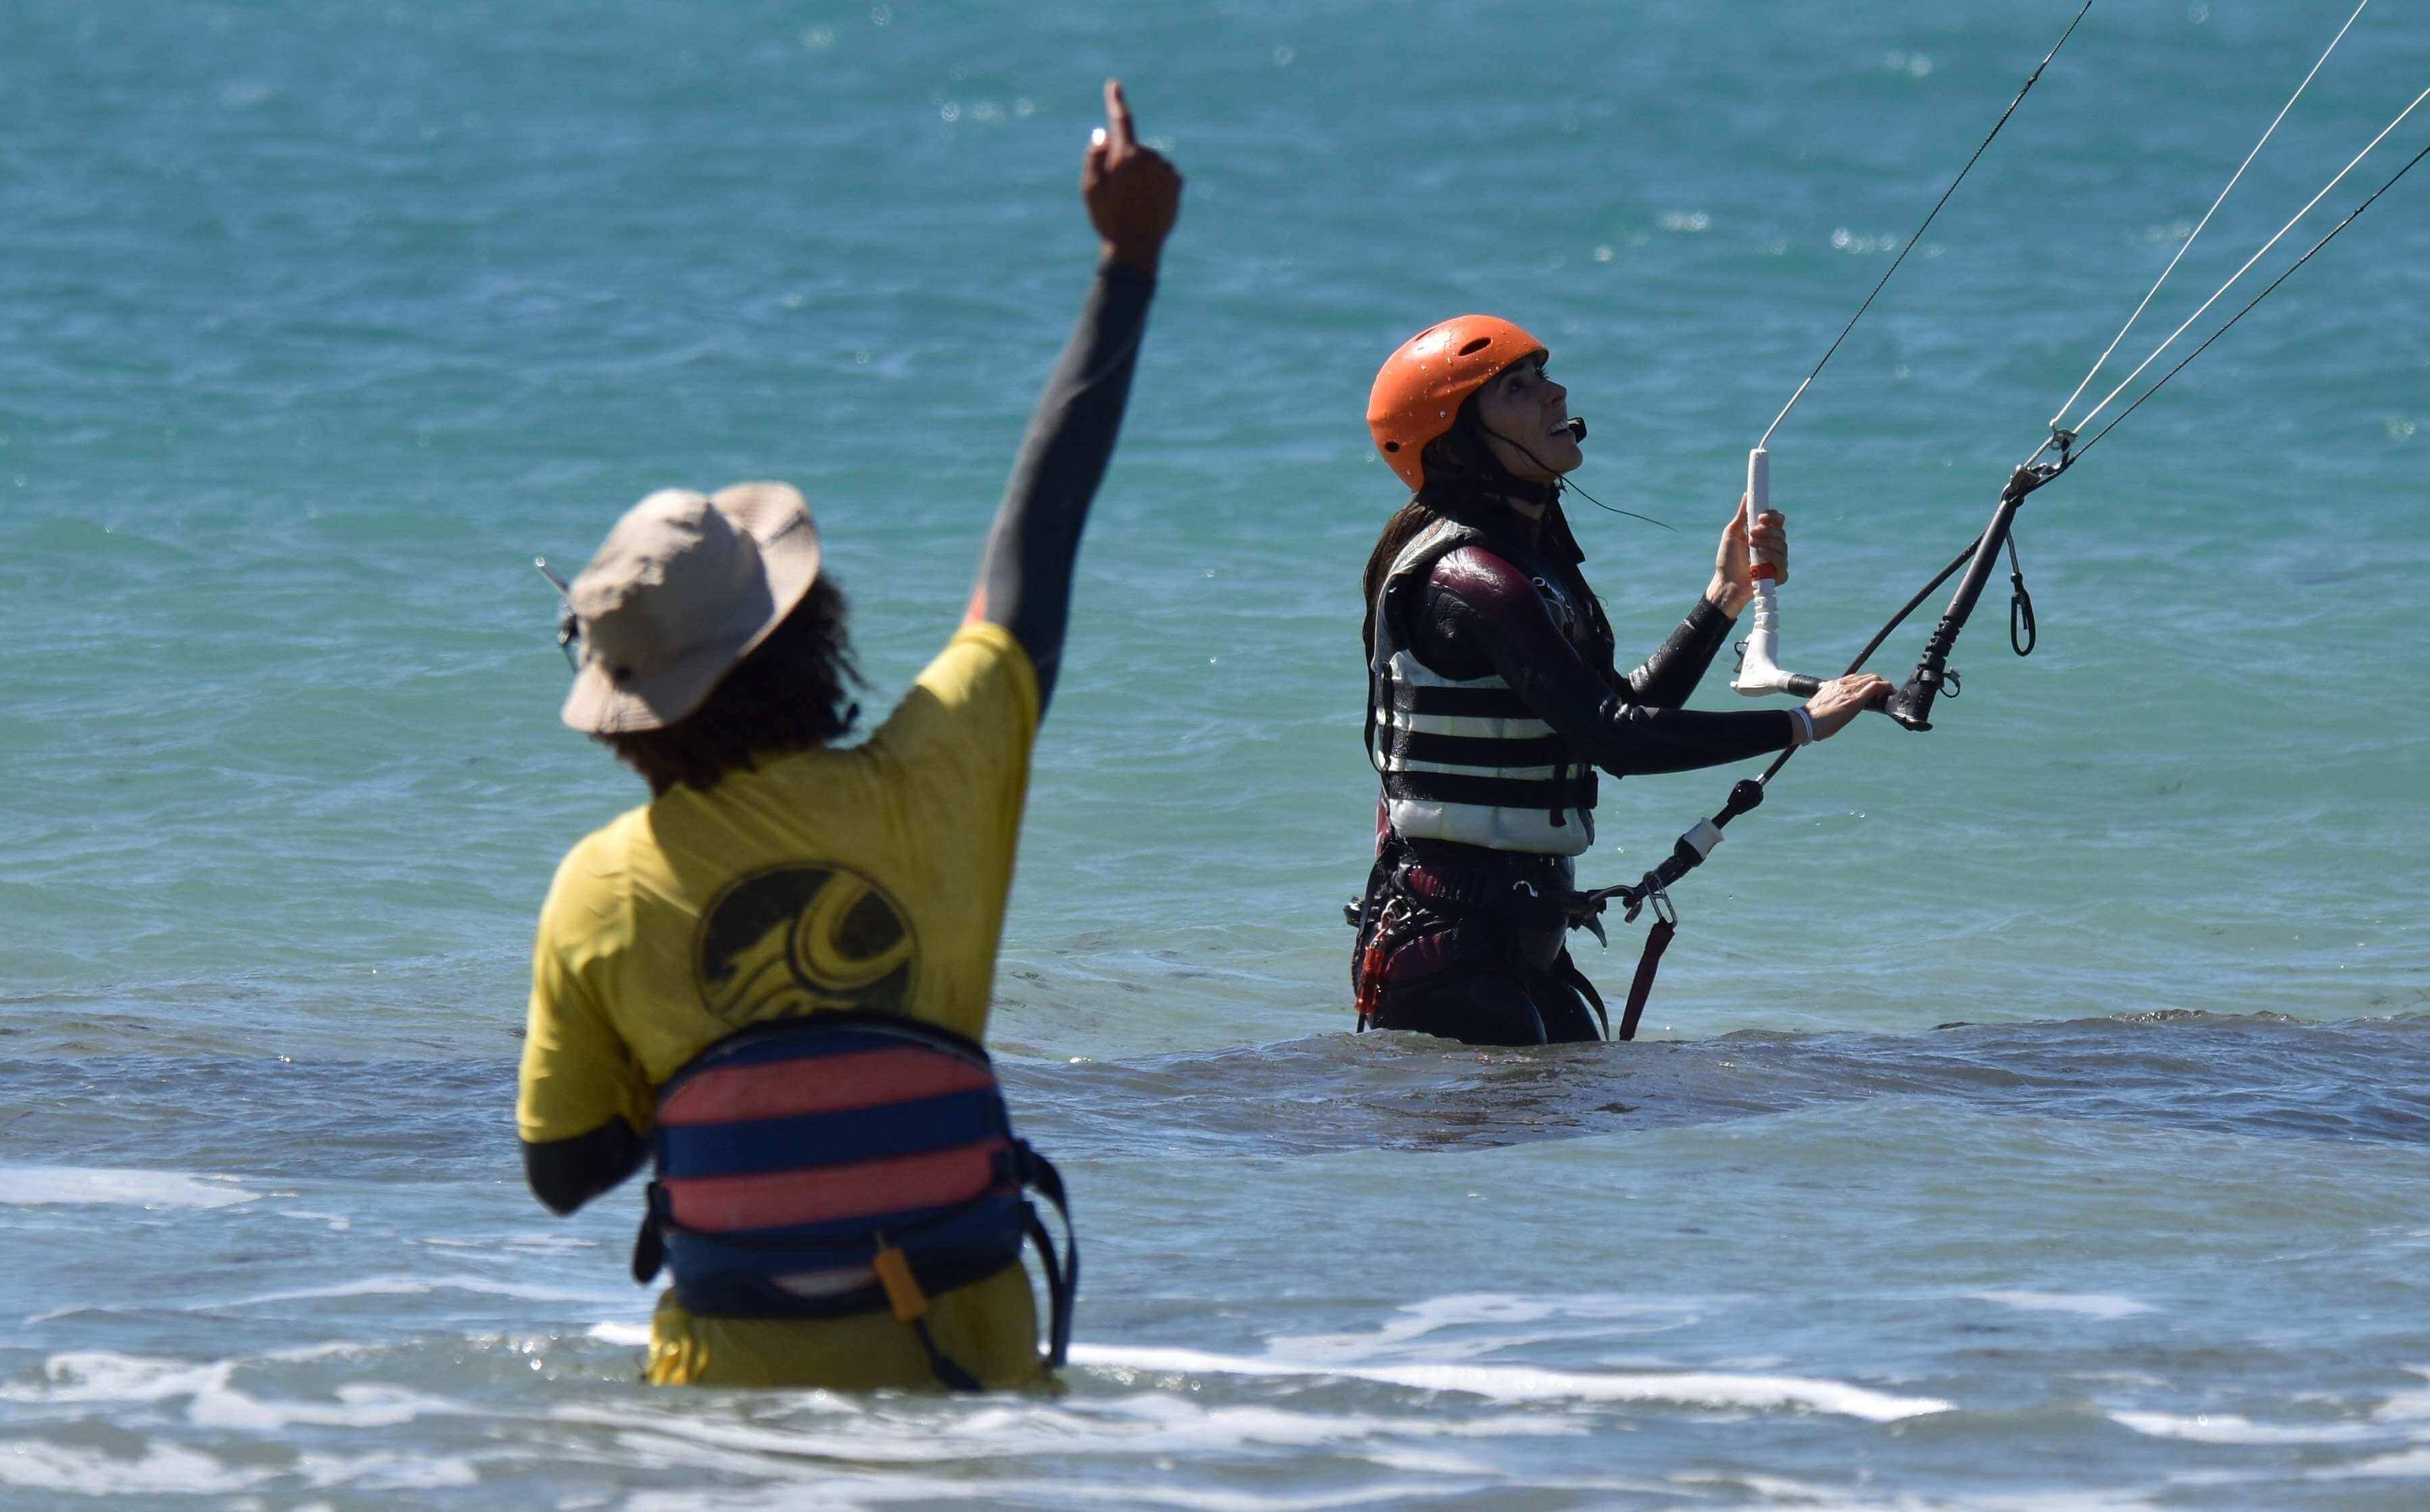 Curso de kitesurf en tarifa privado